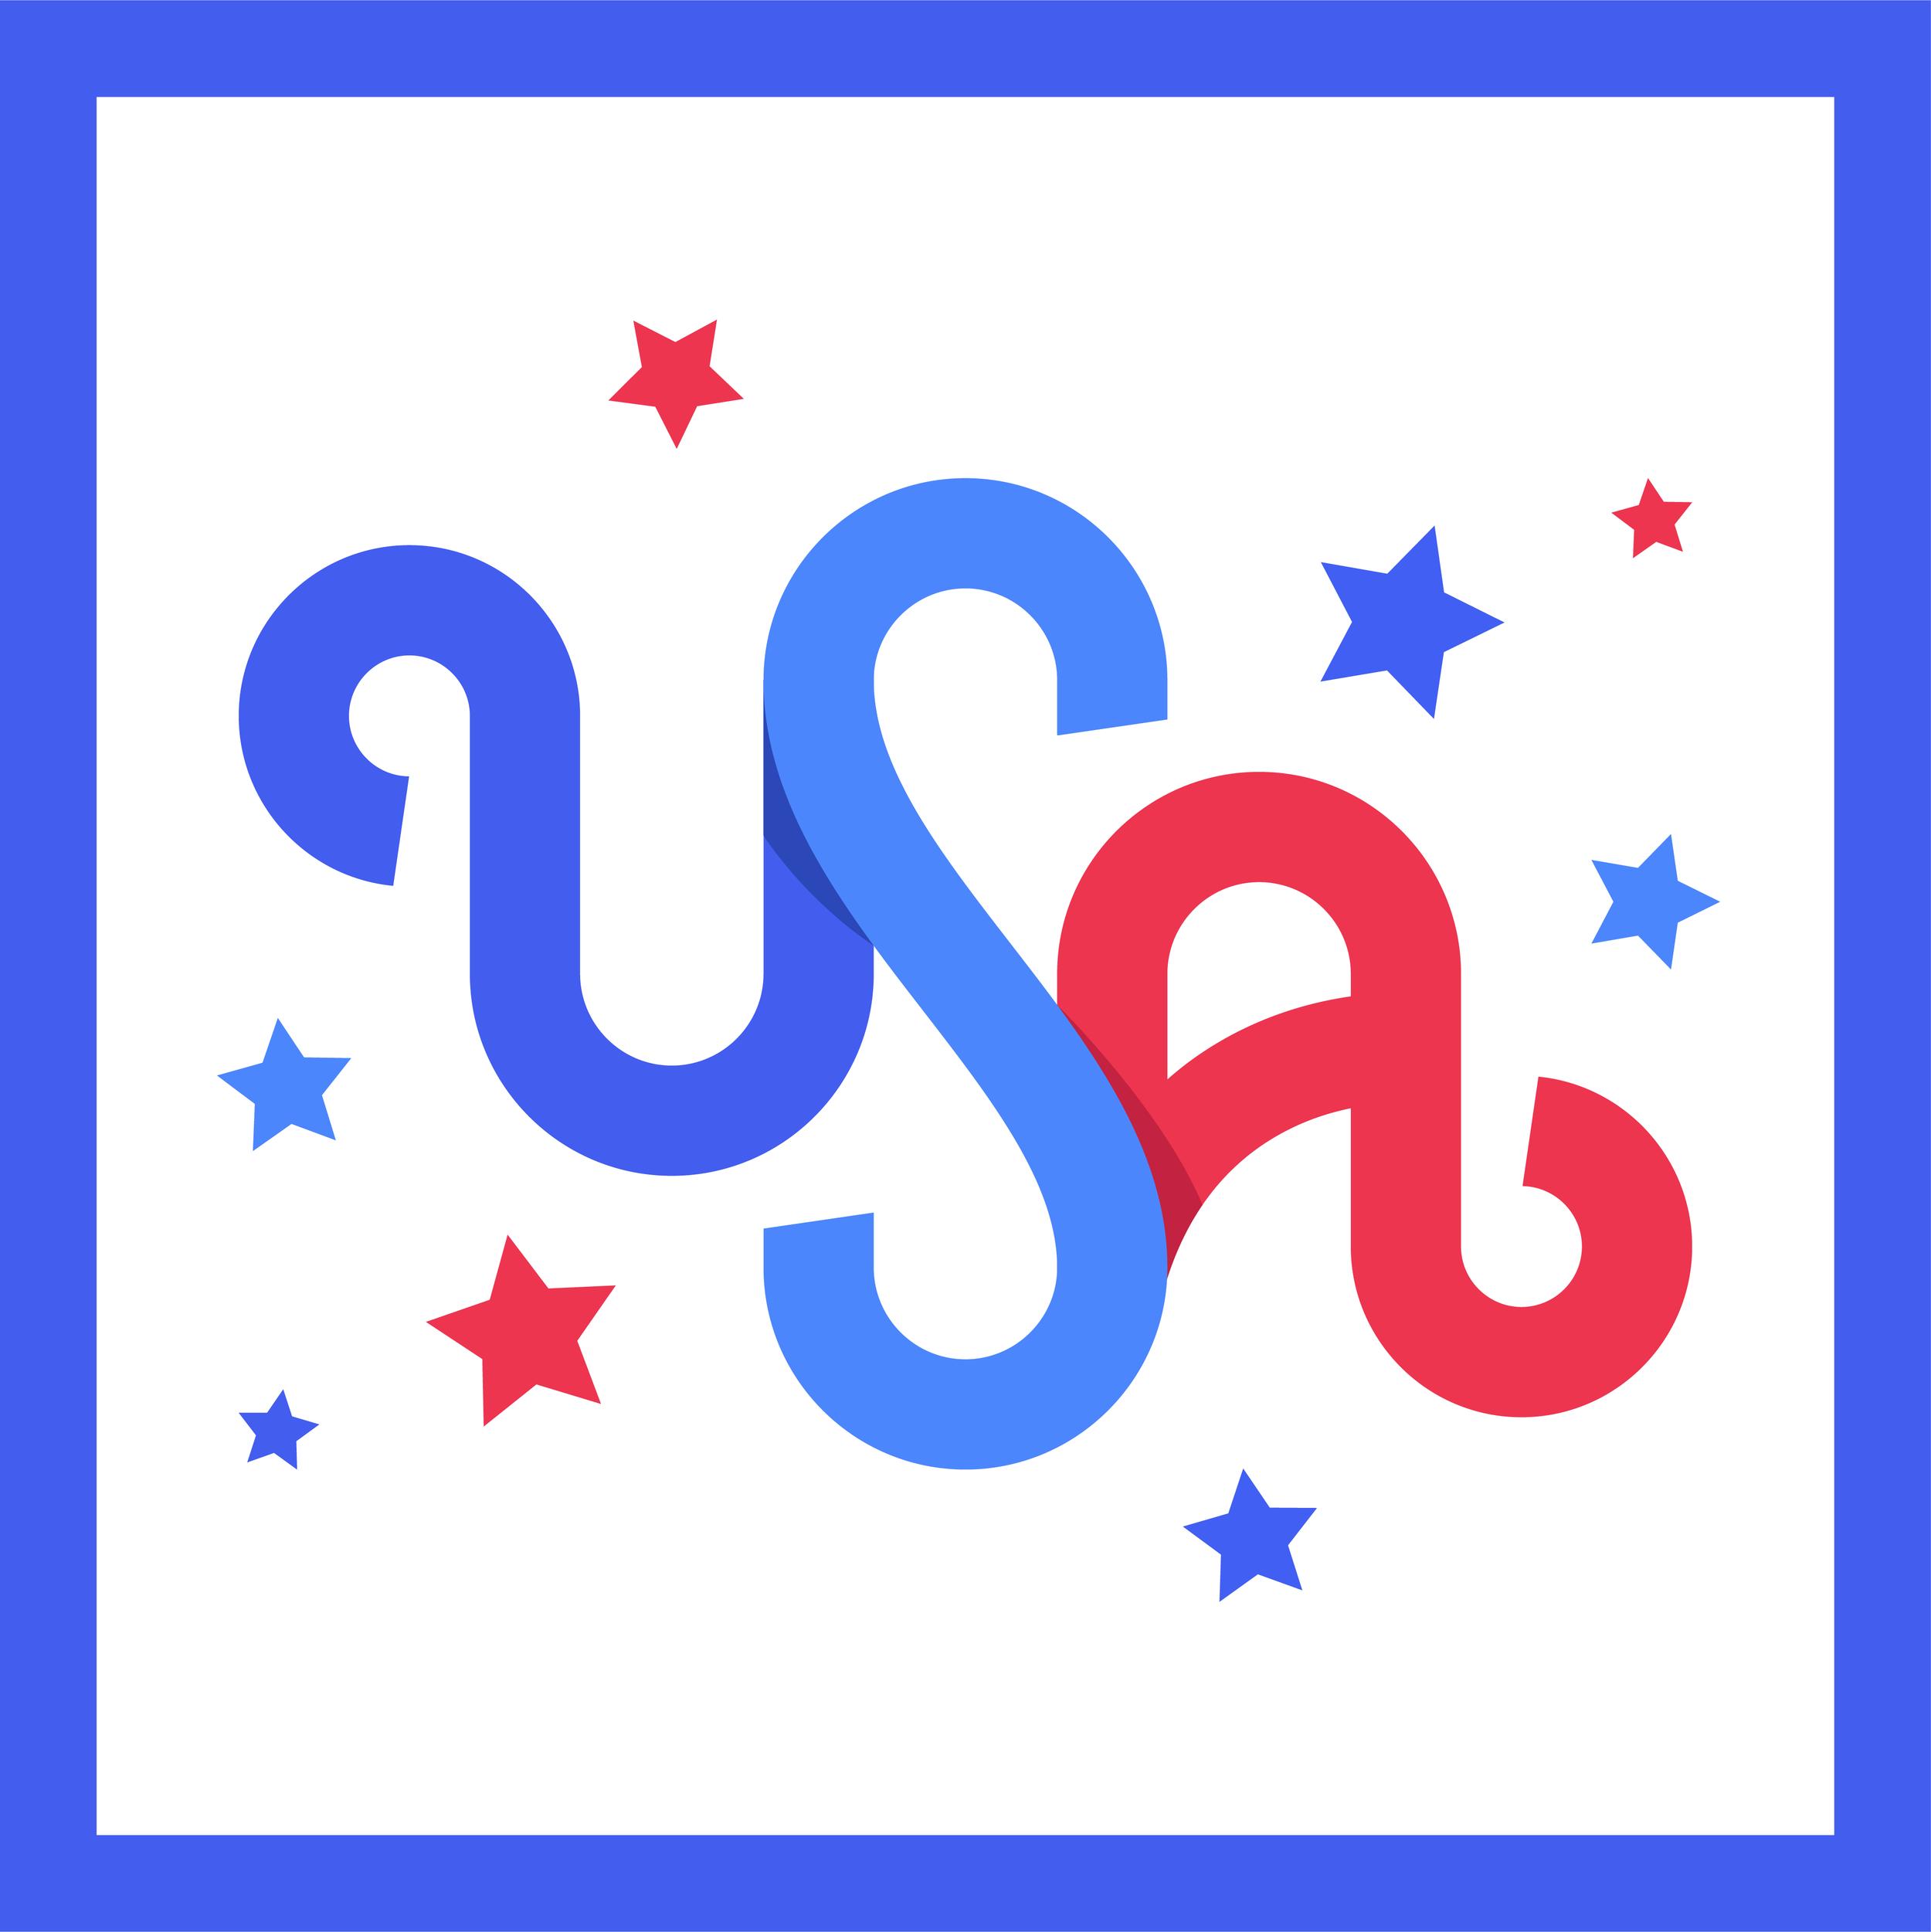 USAmonogram-02.png